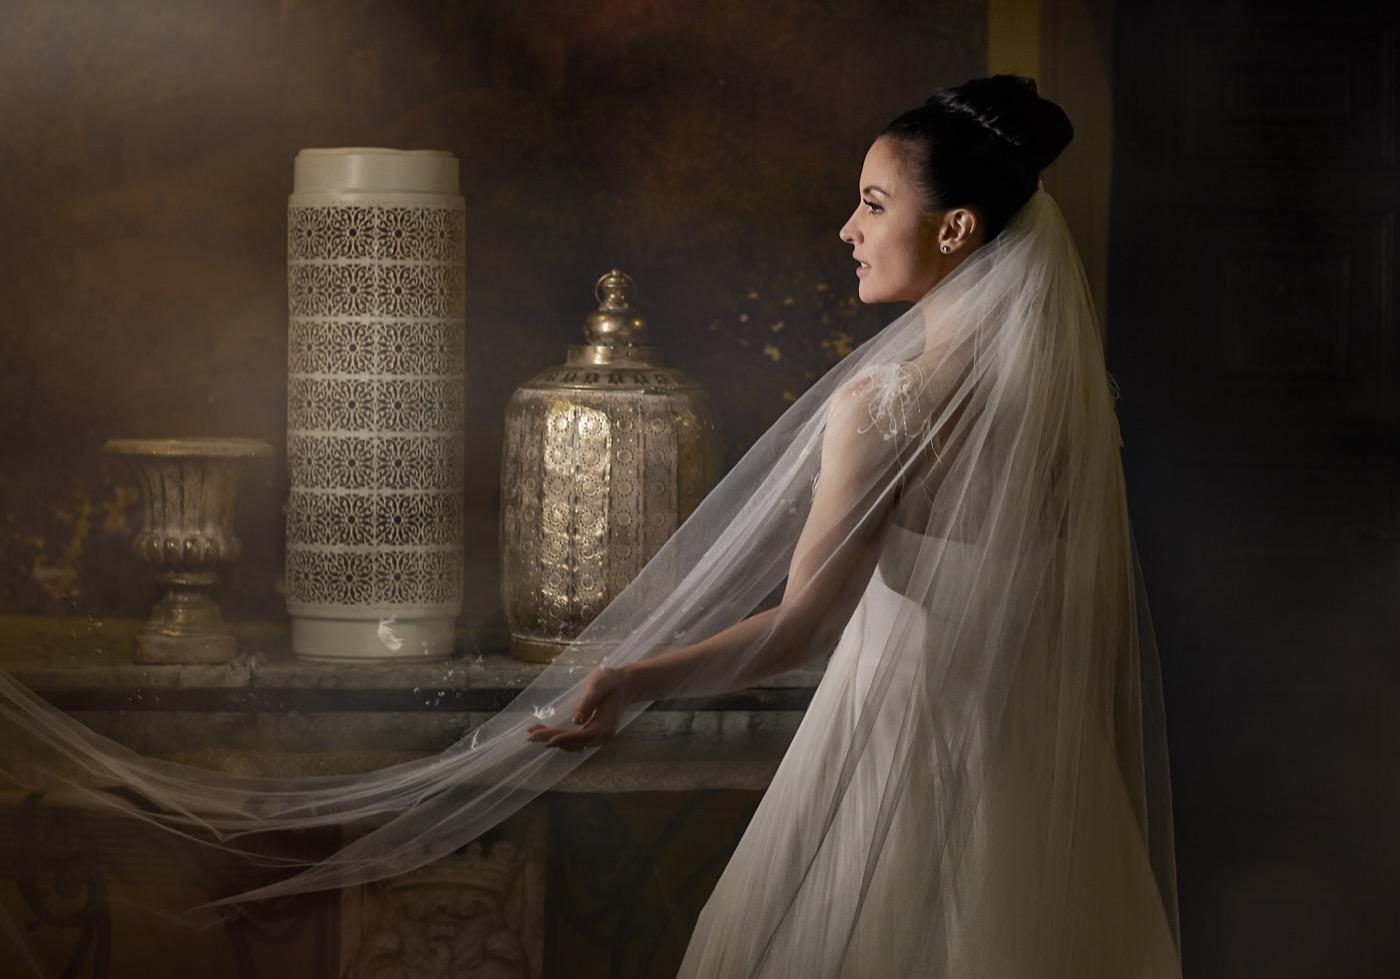 Claudio-Coppola-wedding-photographer-villa-del-cardinale-rocca-di-papa-castel-gandolfo-90